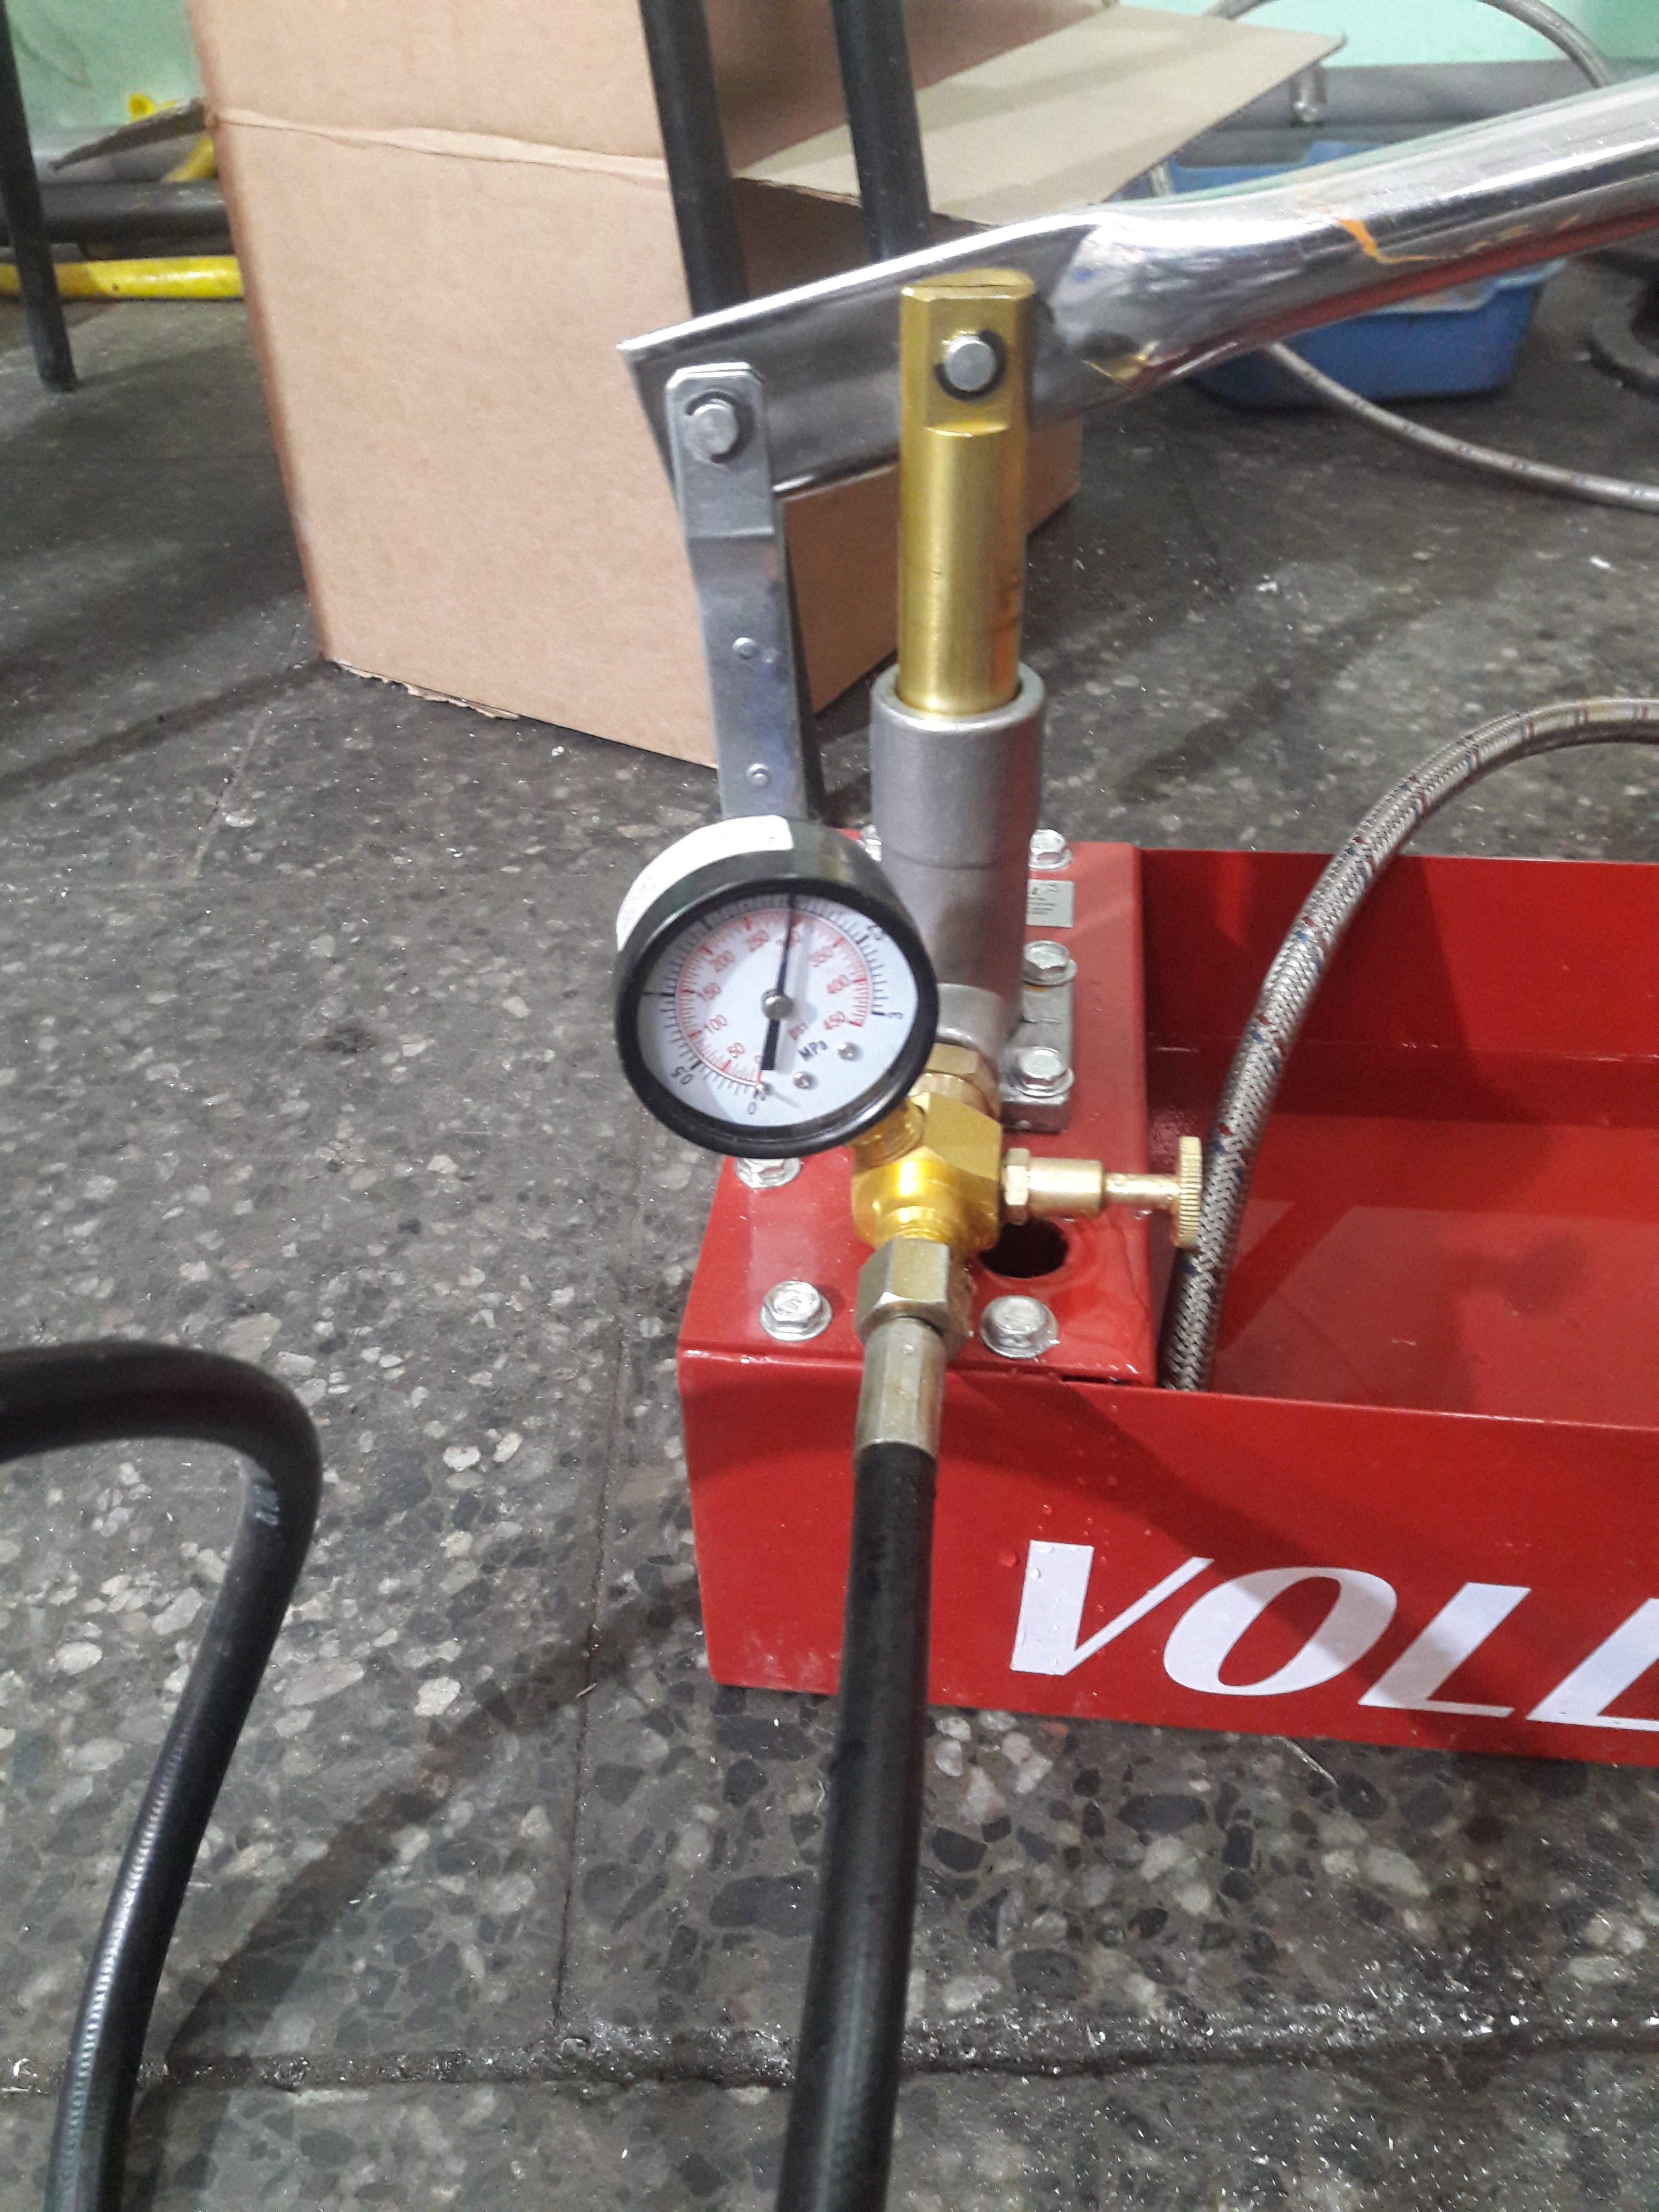 Соединения с использованием штампованных пресс-фланцев, отбортовок и пресс-фланцевых уплотнений ПФУ выдержали испытание давлением на герметичность